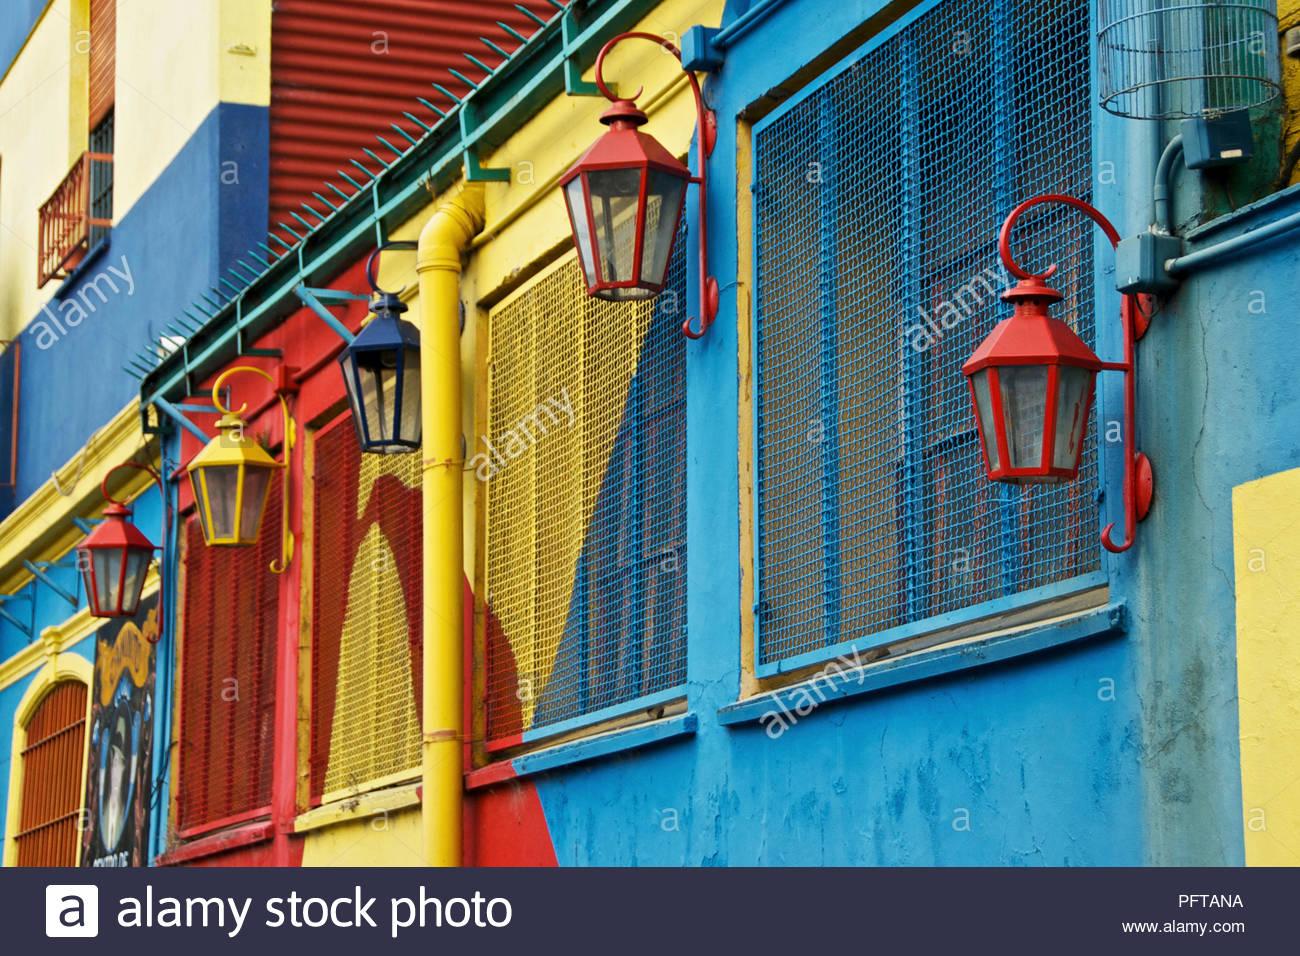 América del Sur, con gran colorido edificio pintado con farolas, distrito de La Boca, Buenos Aires, Argentina Imagen De Stock